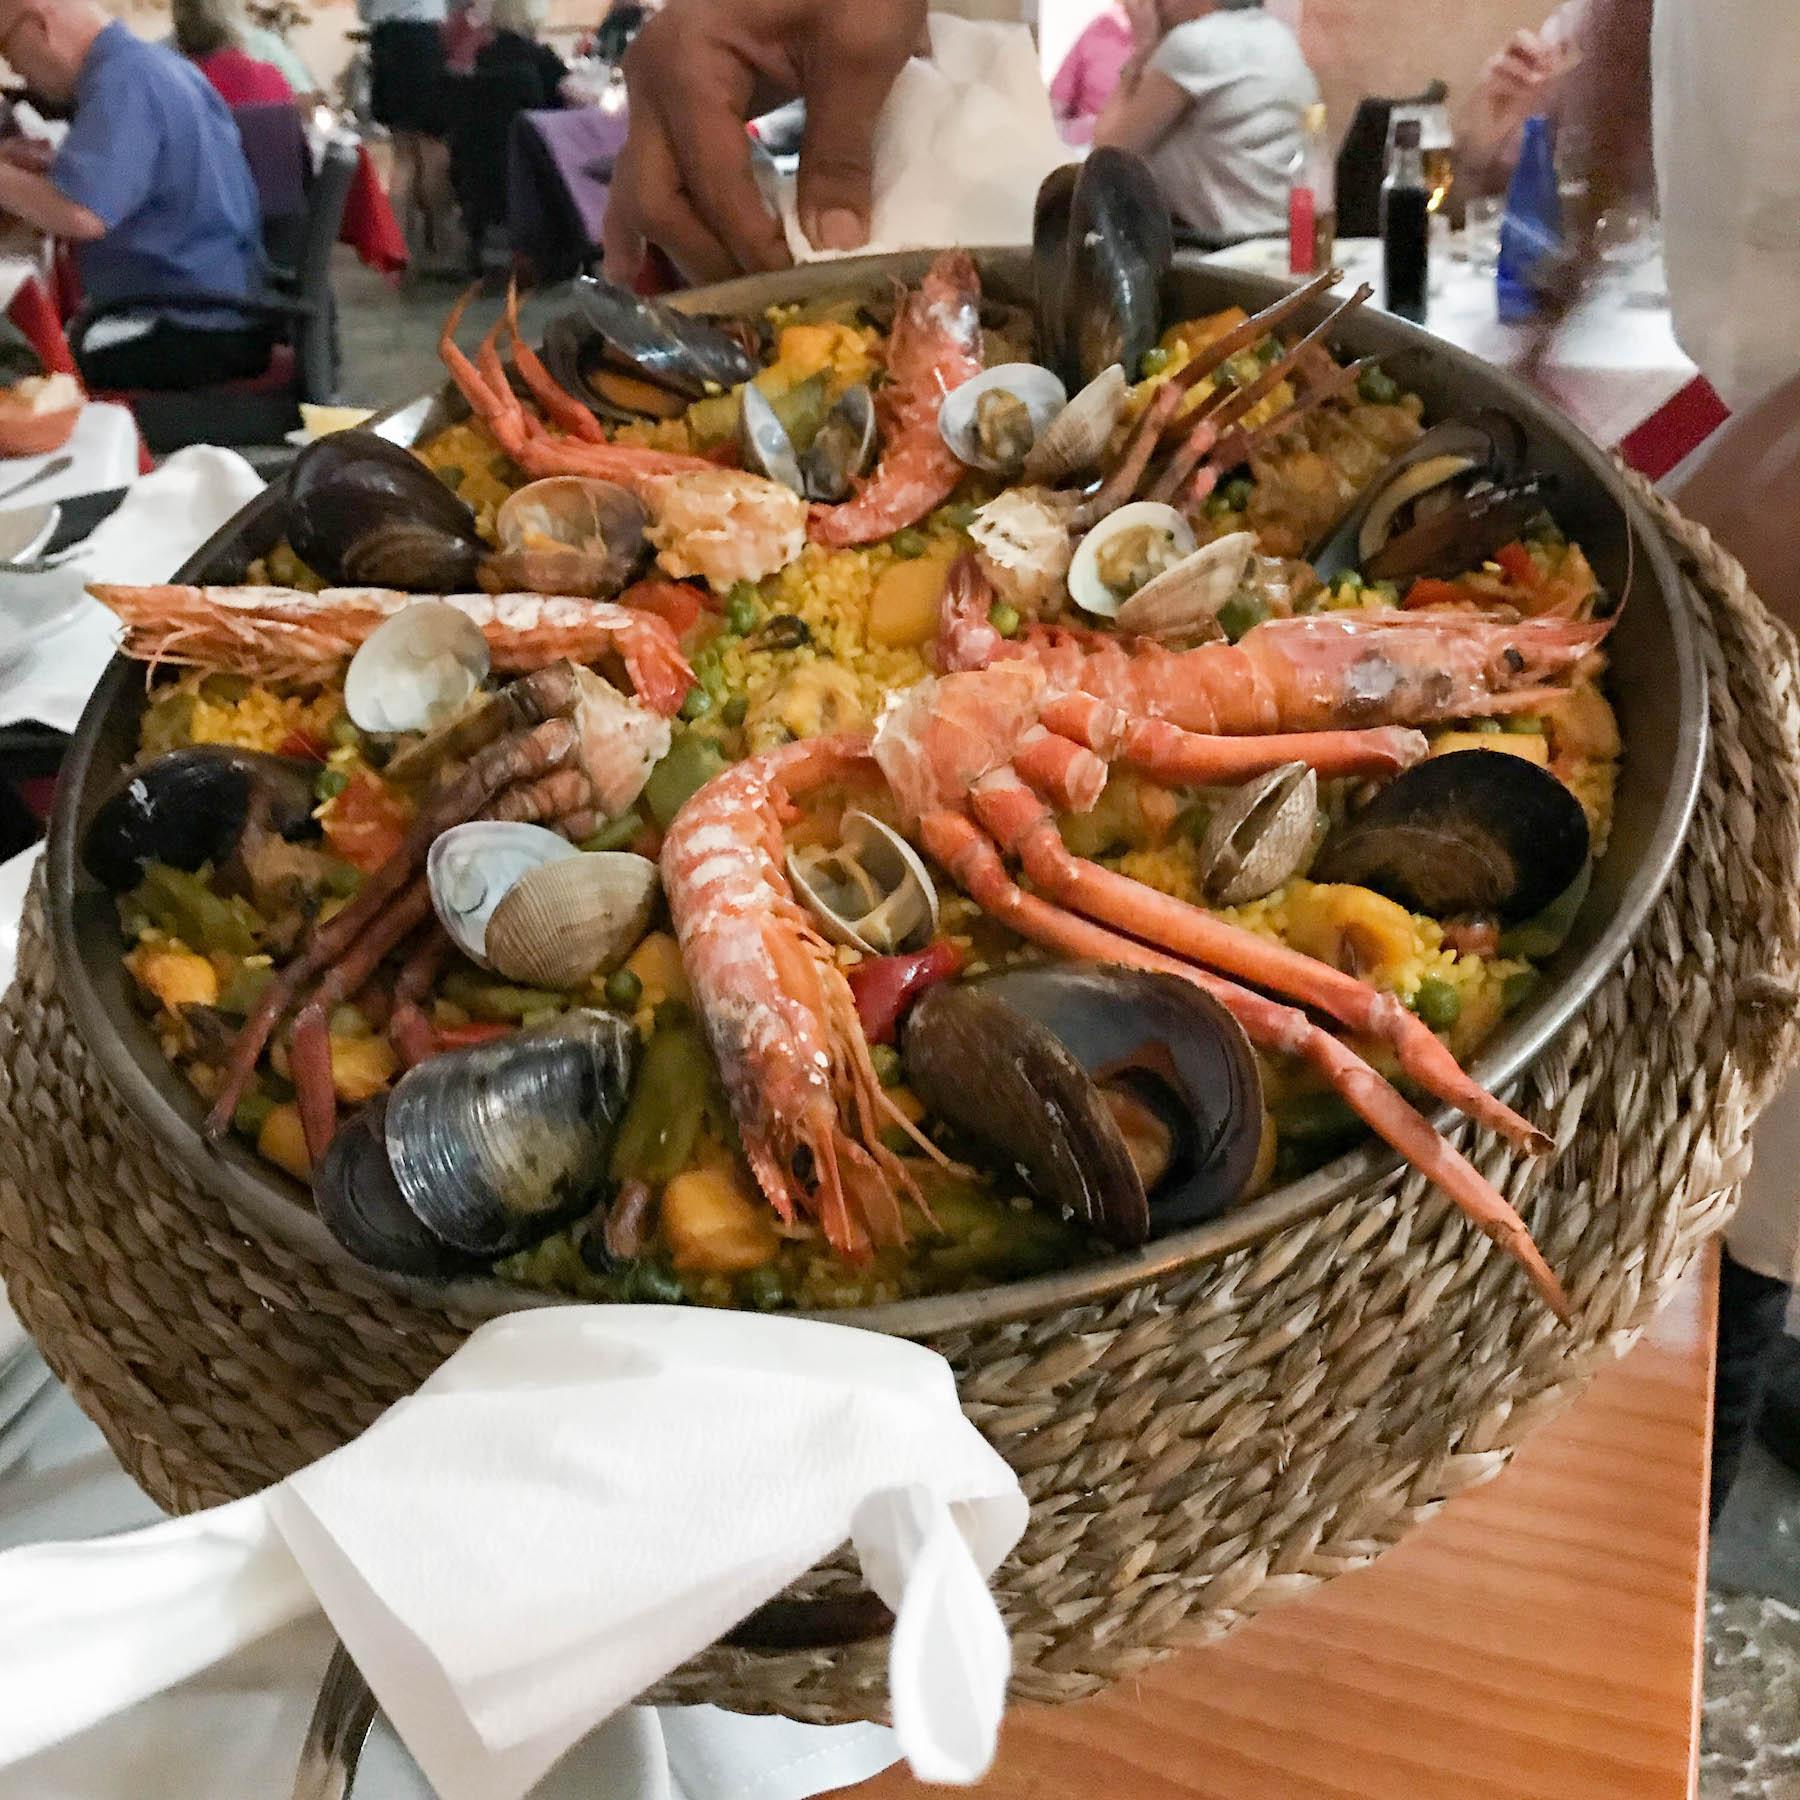 suelovesnyc_susan_fengler_travel_blog_reiseblog_mallorca_pollenca_pollensa_canolesa_paella_restaurant_pollenca